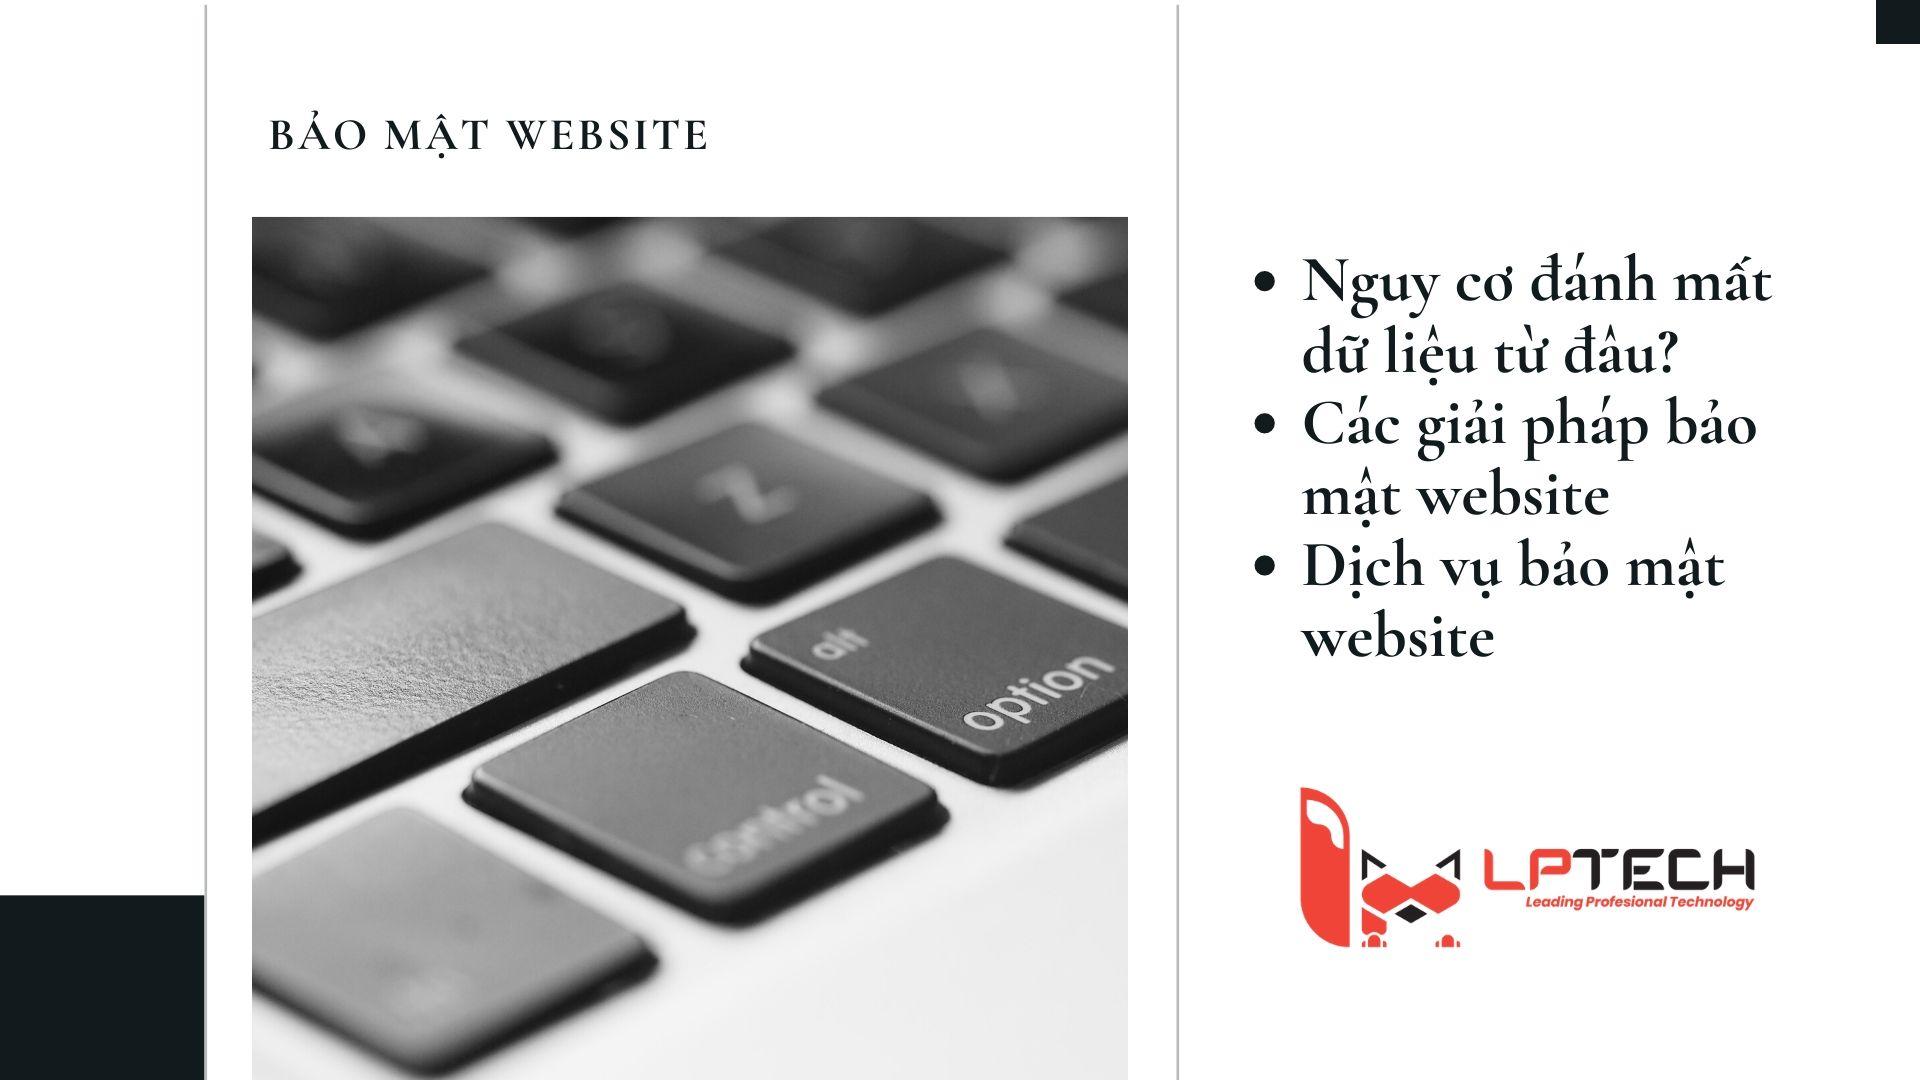 Dịch vụ bảo mật website trước nguy cơ đánh cắp dữ liệu trên website